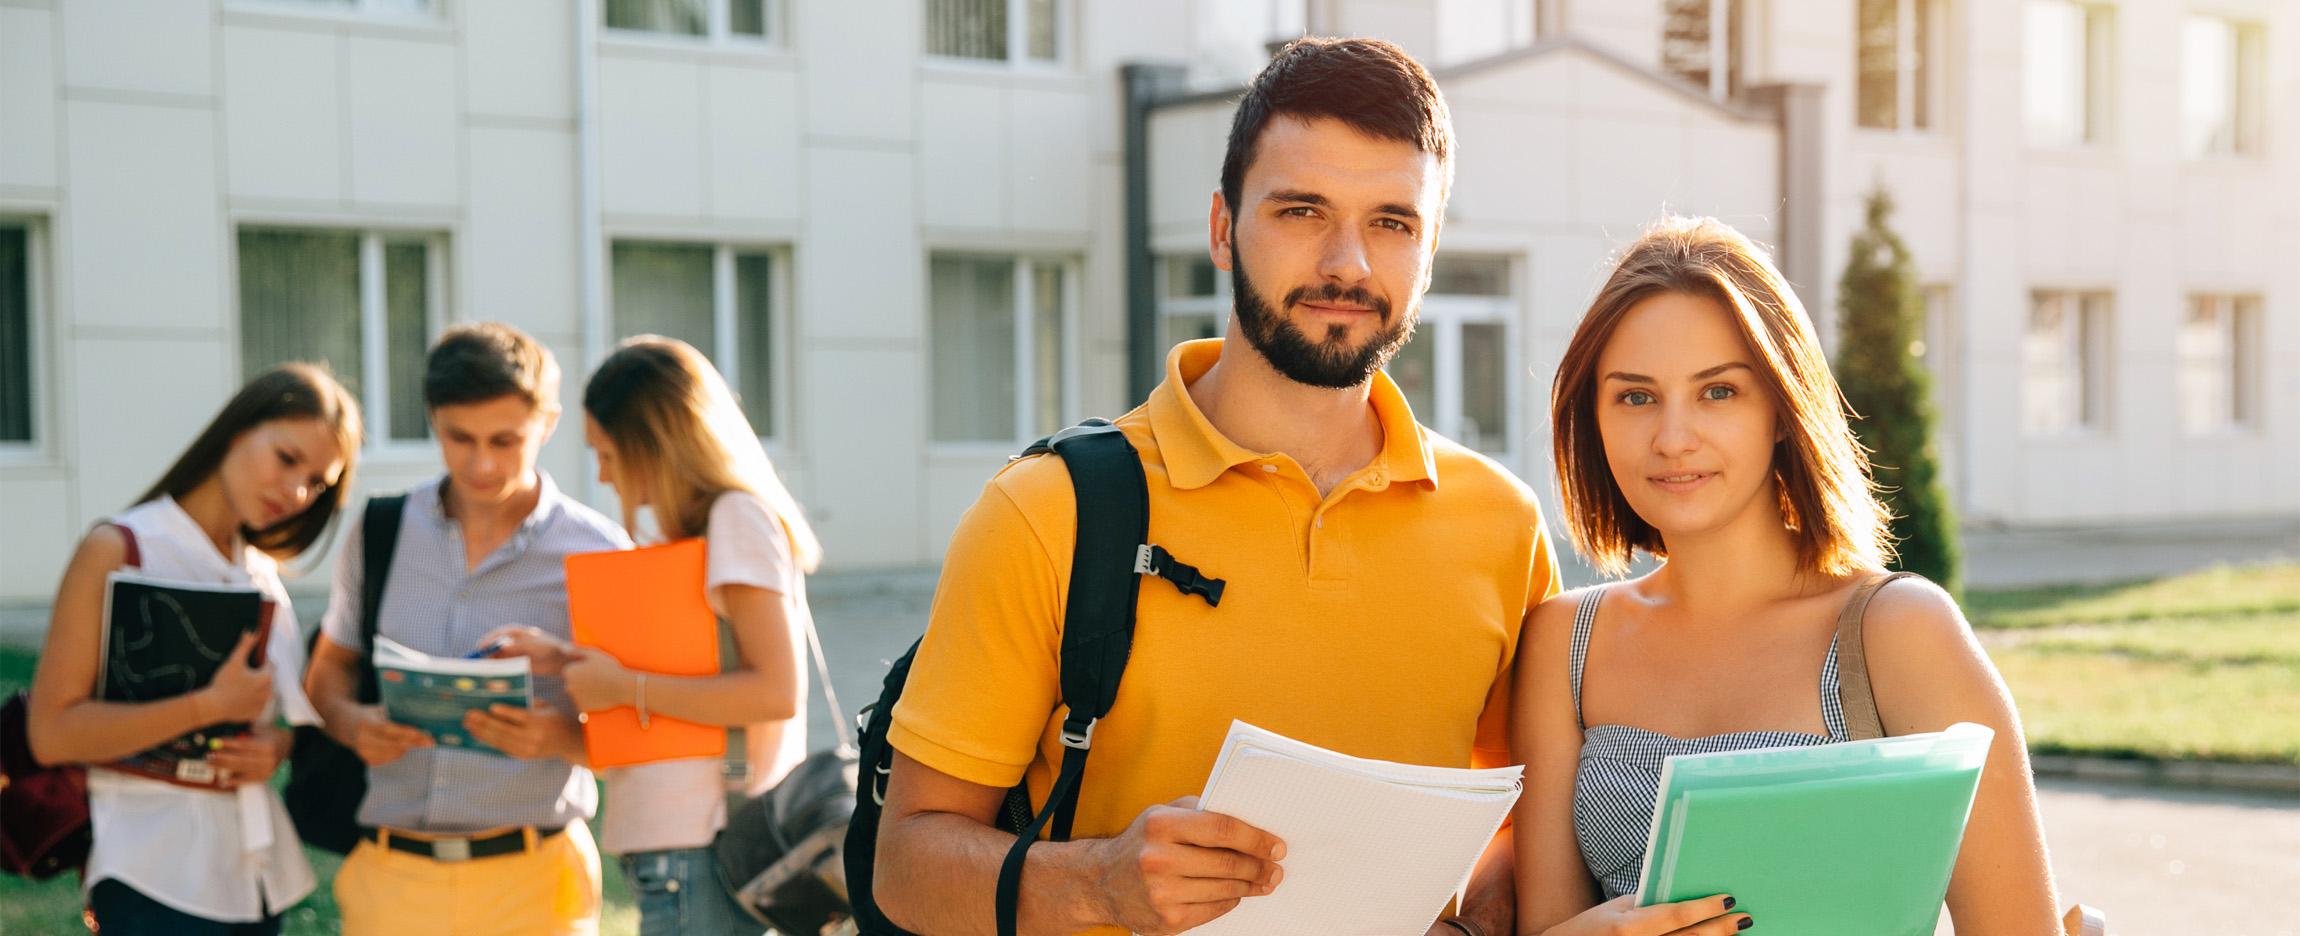 cursos en cordoba unc universidad extension